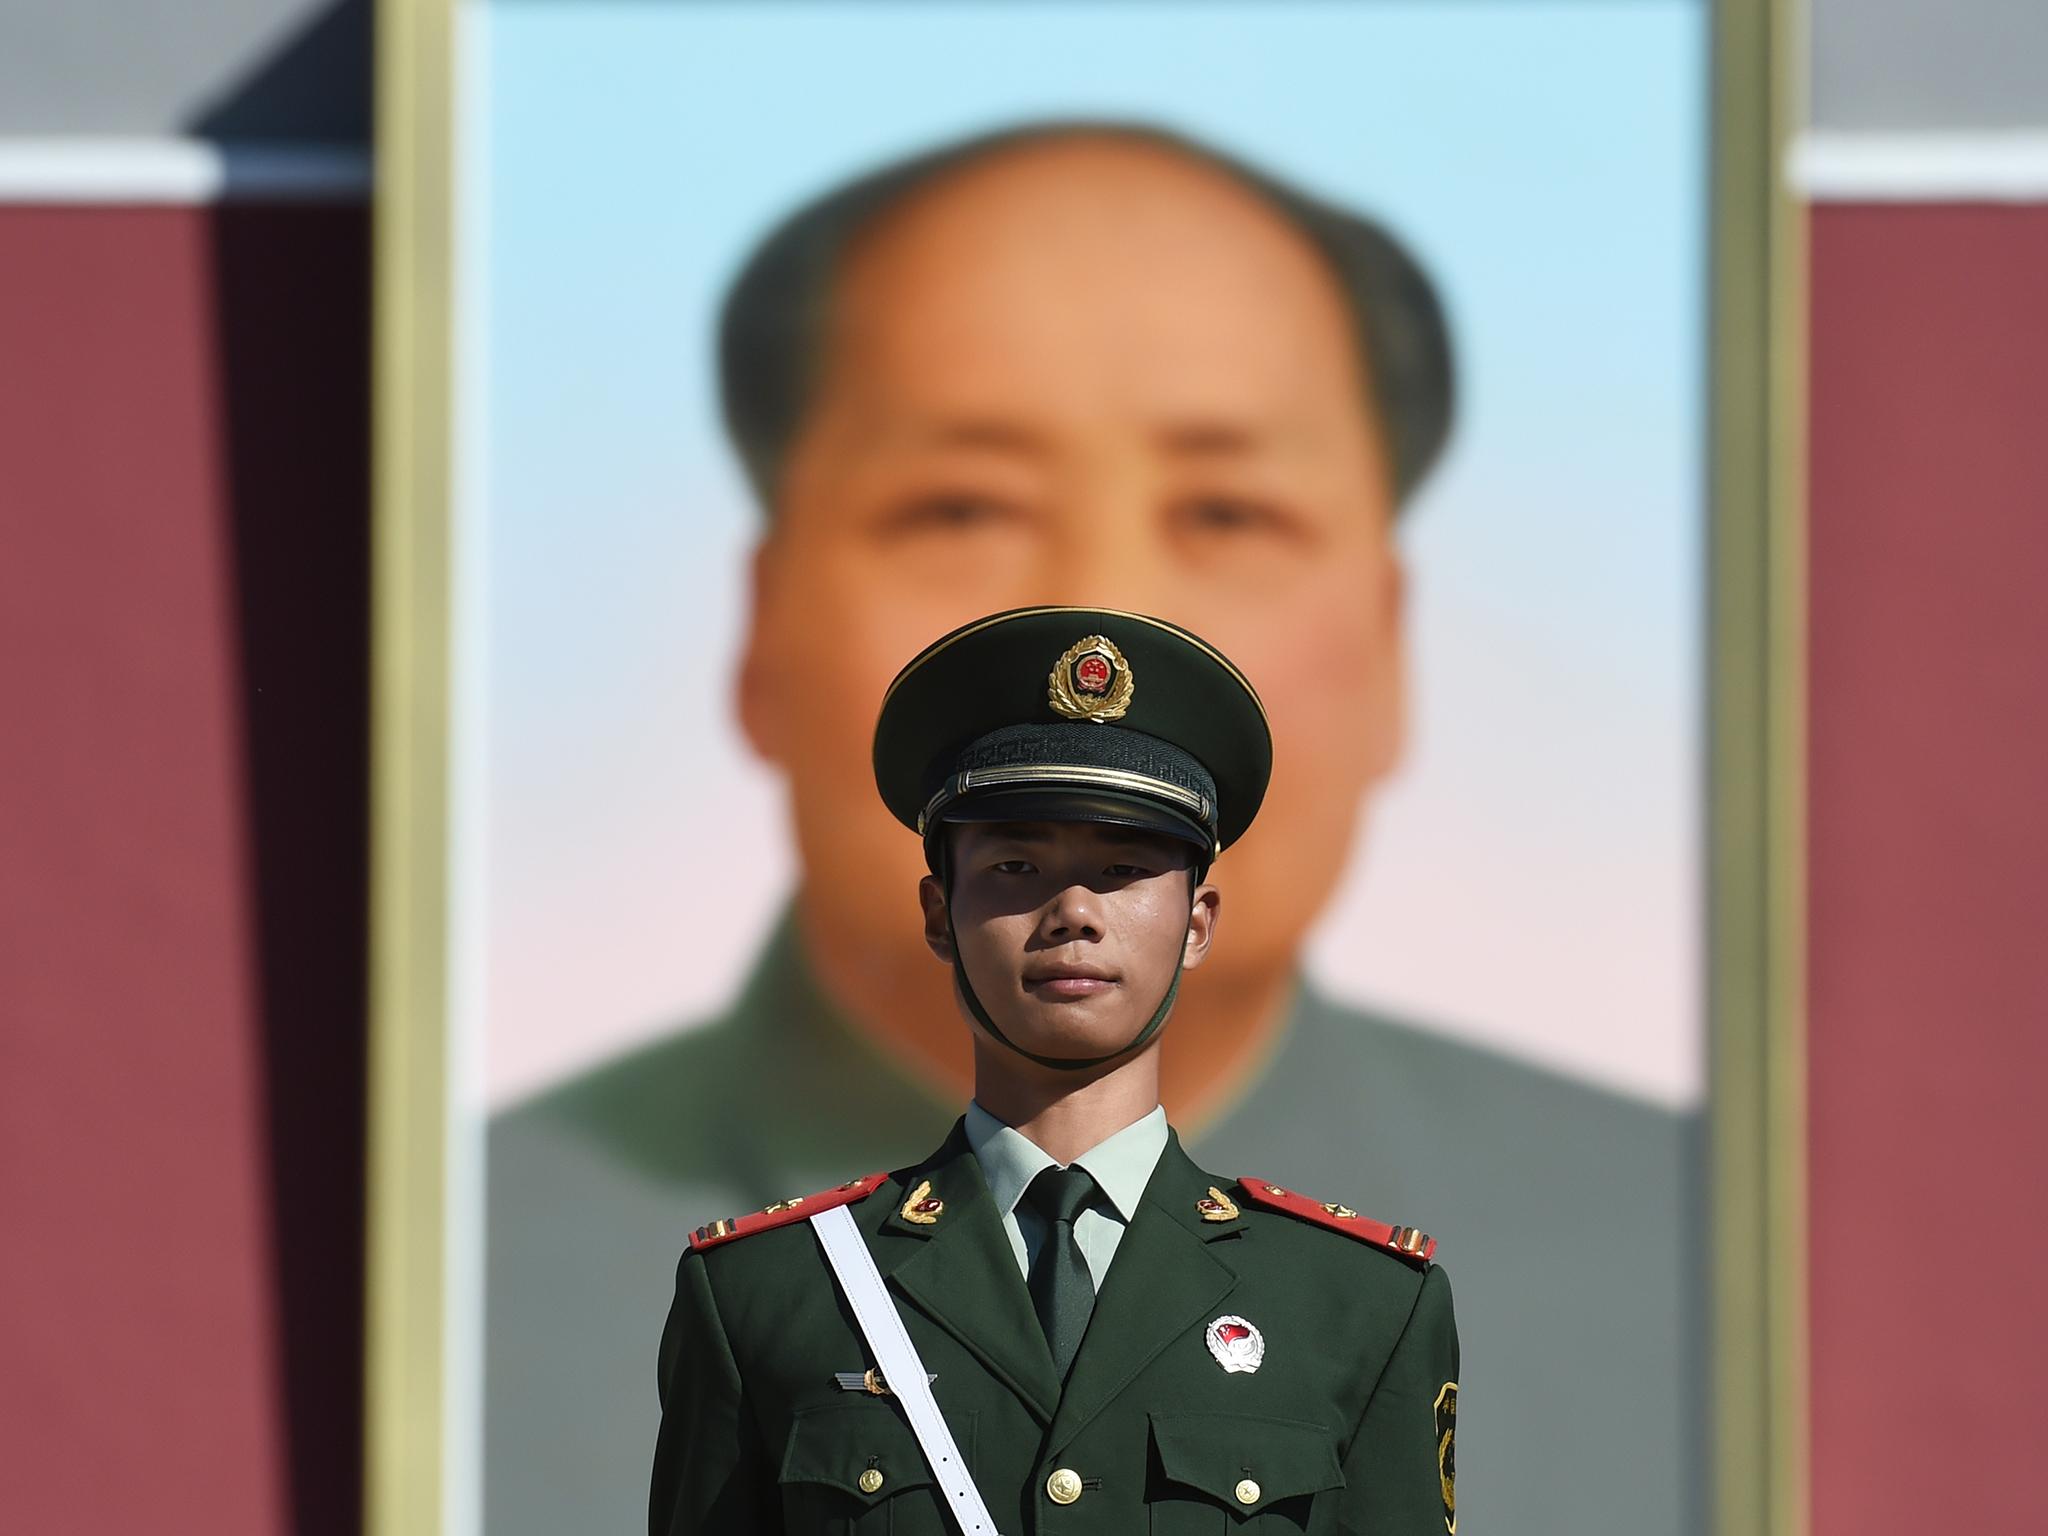 EUA | Pequim apresenta queixa formal após expulsão de diplomatas